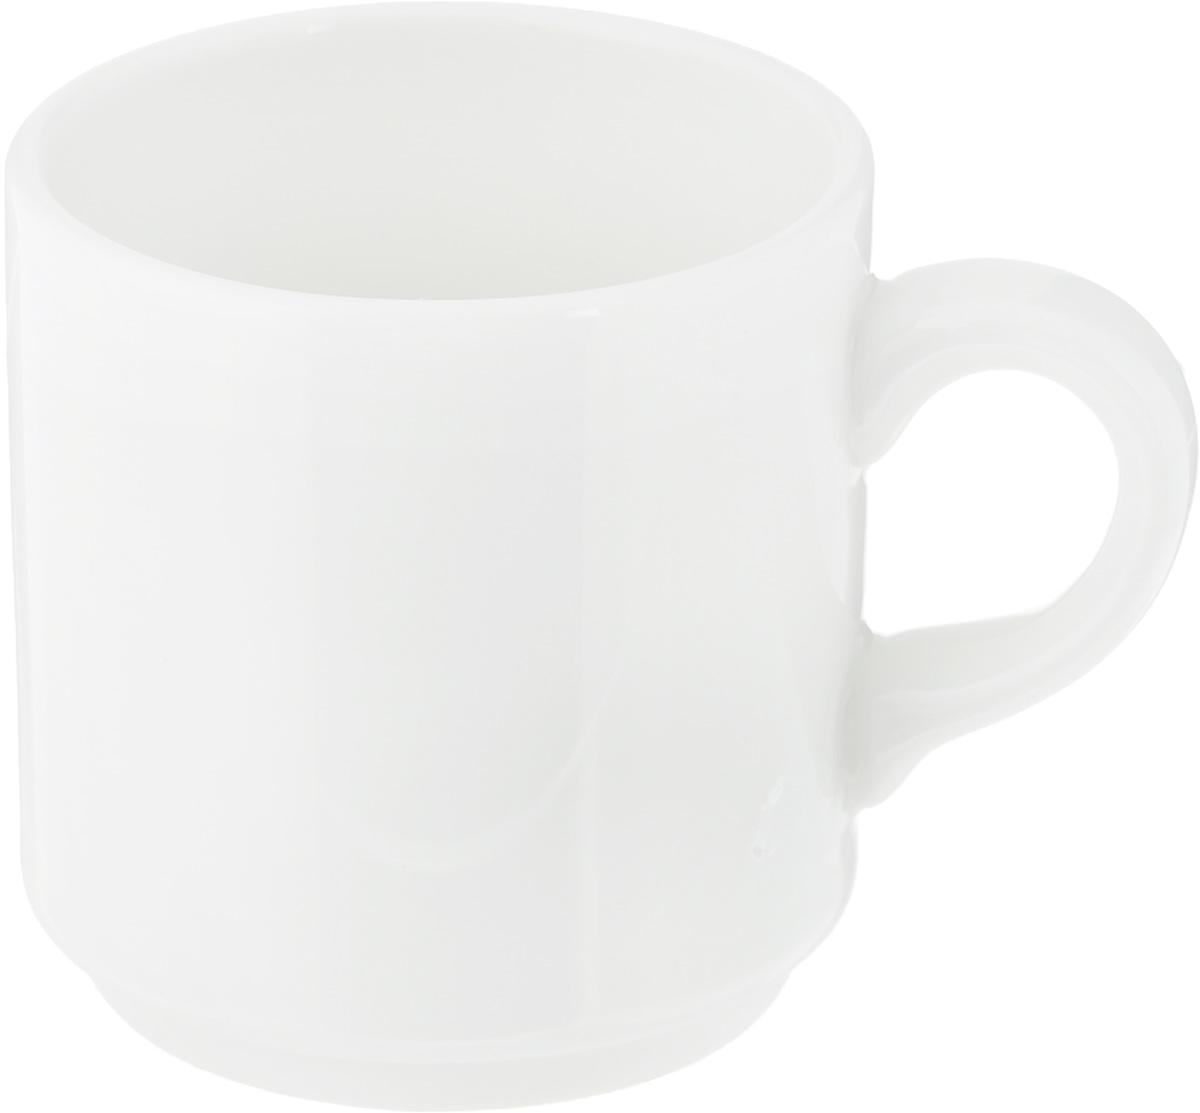 Чашка кофейная Ariane Прайм, 90 мл54 009312Чашка кофейная Ariane Прайм выполнена из высококачественного фарфора. Посуда из такого материала позволяет сохранить истинный вкус напитка, а также помогает ему дольше оставаться теплым. Белоснежность изделия дарит ощущение легкости и безмятежности.Диаметр чашки (по верхнему краю): 5,5 см. Высота чашки: 6 см.Объем чашки: 90 мл.